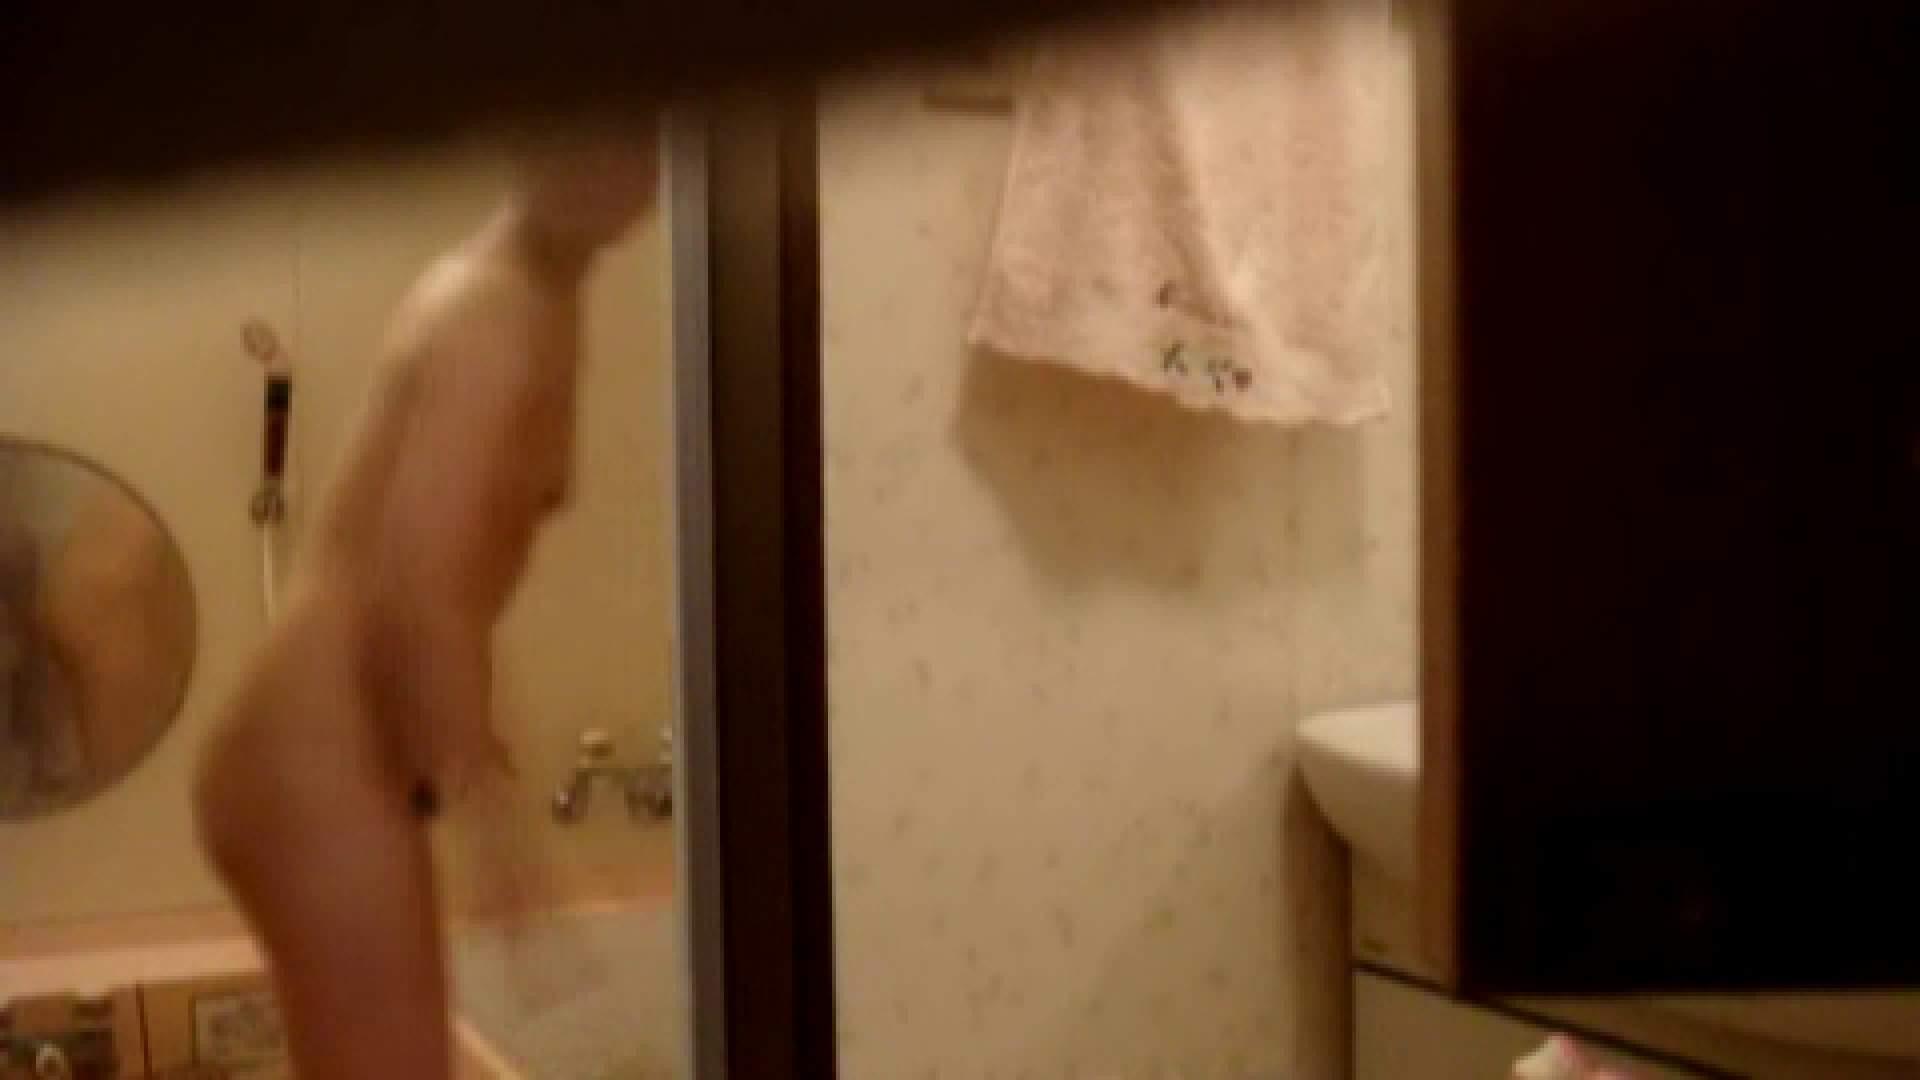 二人とも育てた甲斐がありました… vol.08 まどかの入浴中にカメラに気付いたか!? 入浴   0  84PIX 17